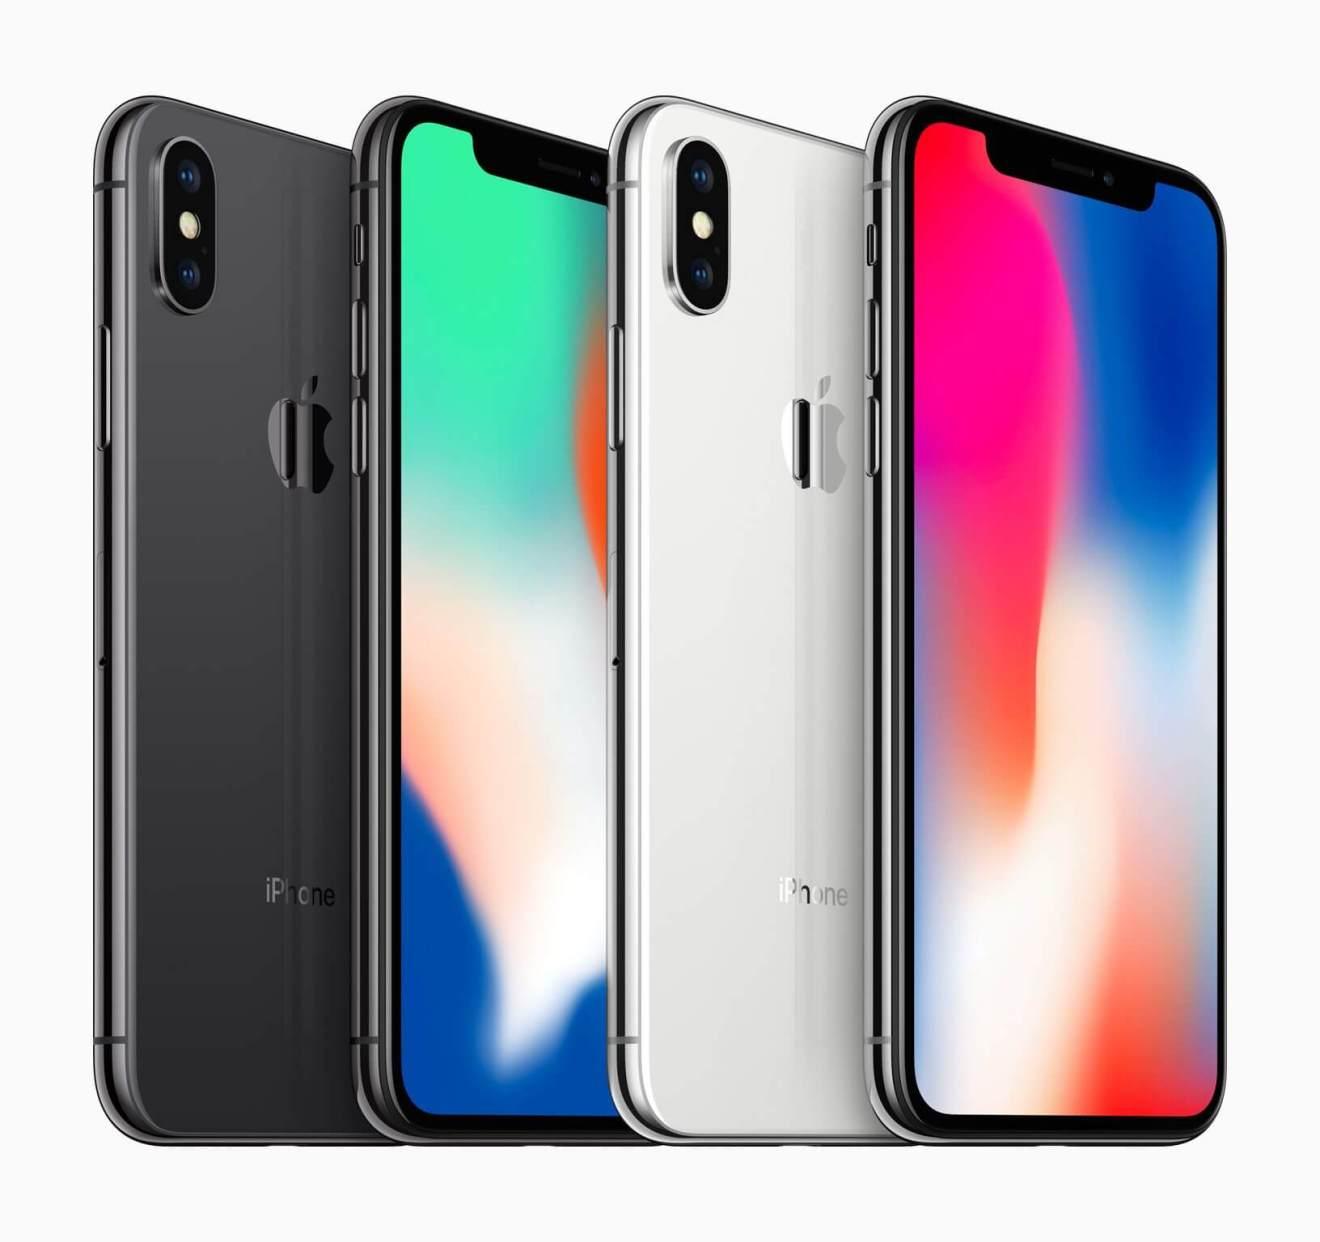 iPhone X family line up - Topo de Linha: comparando os melhores smartphones de 2018